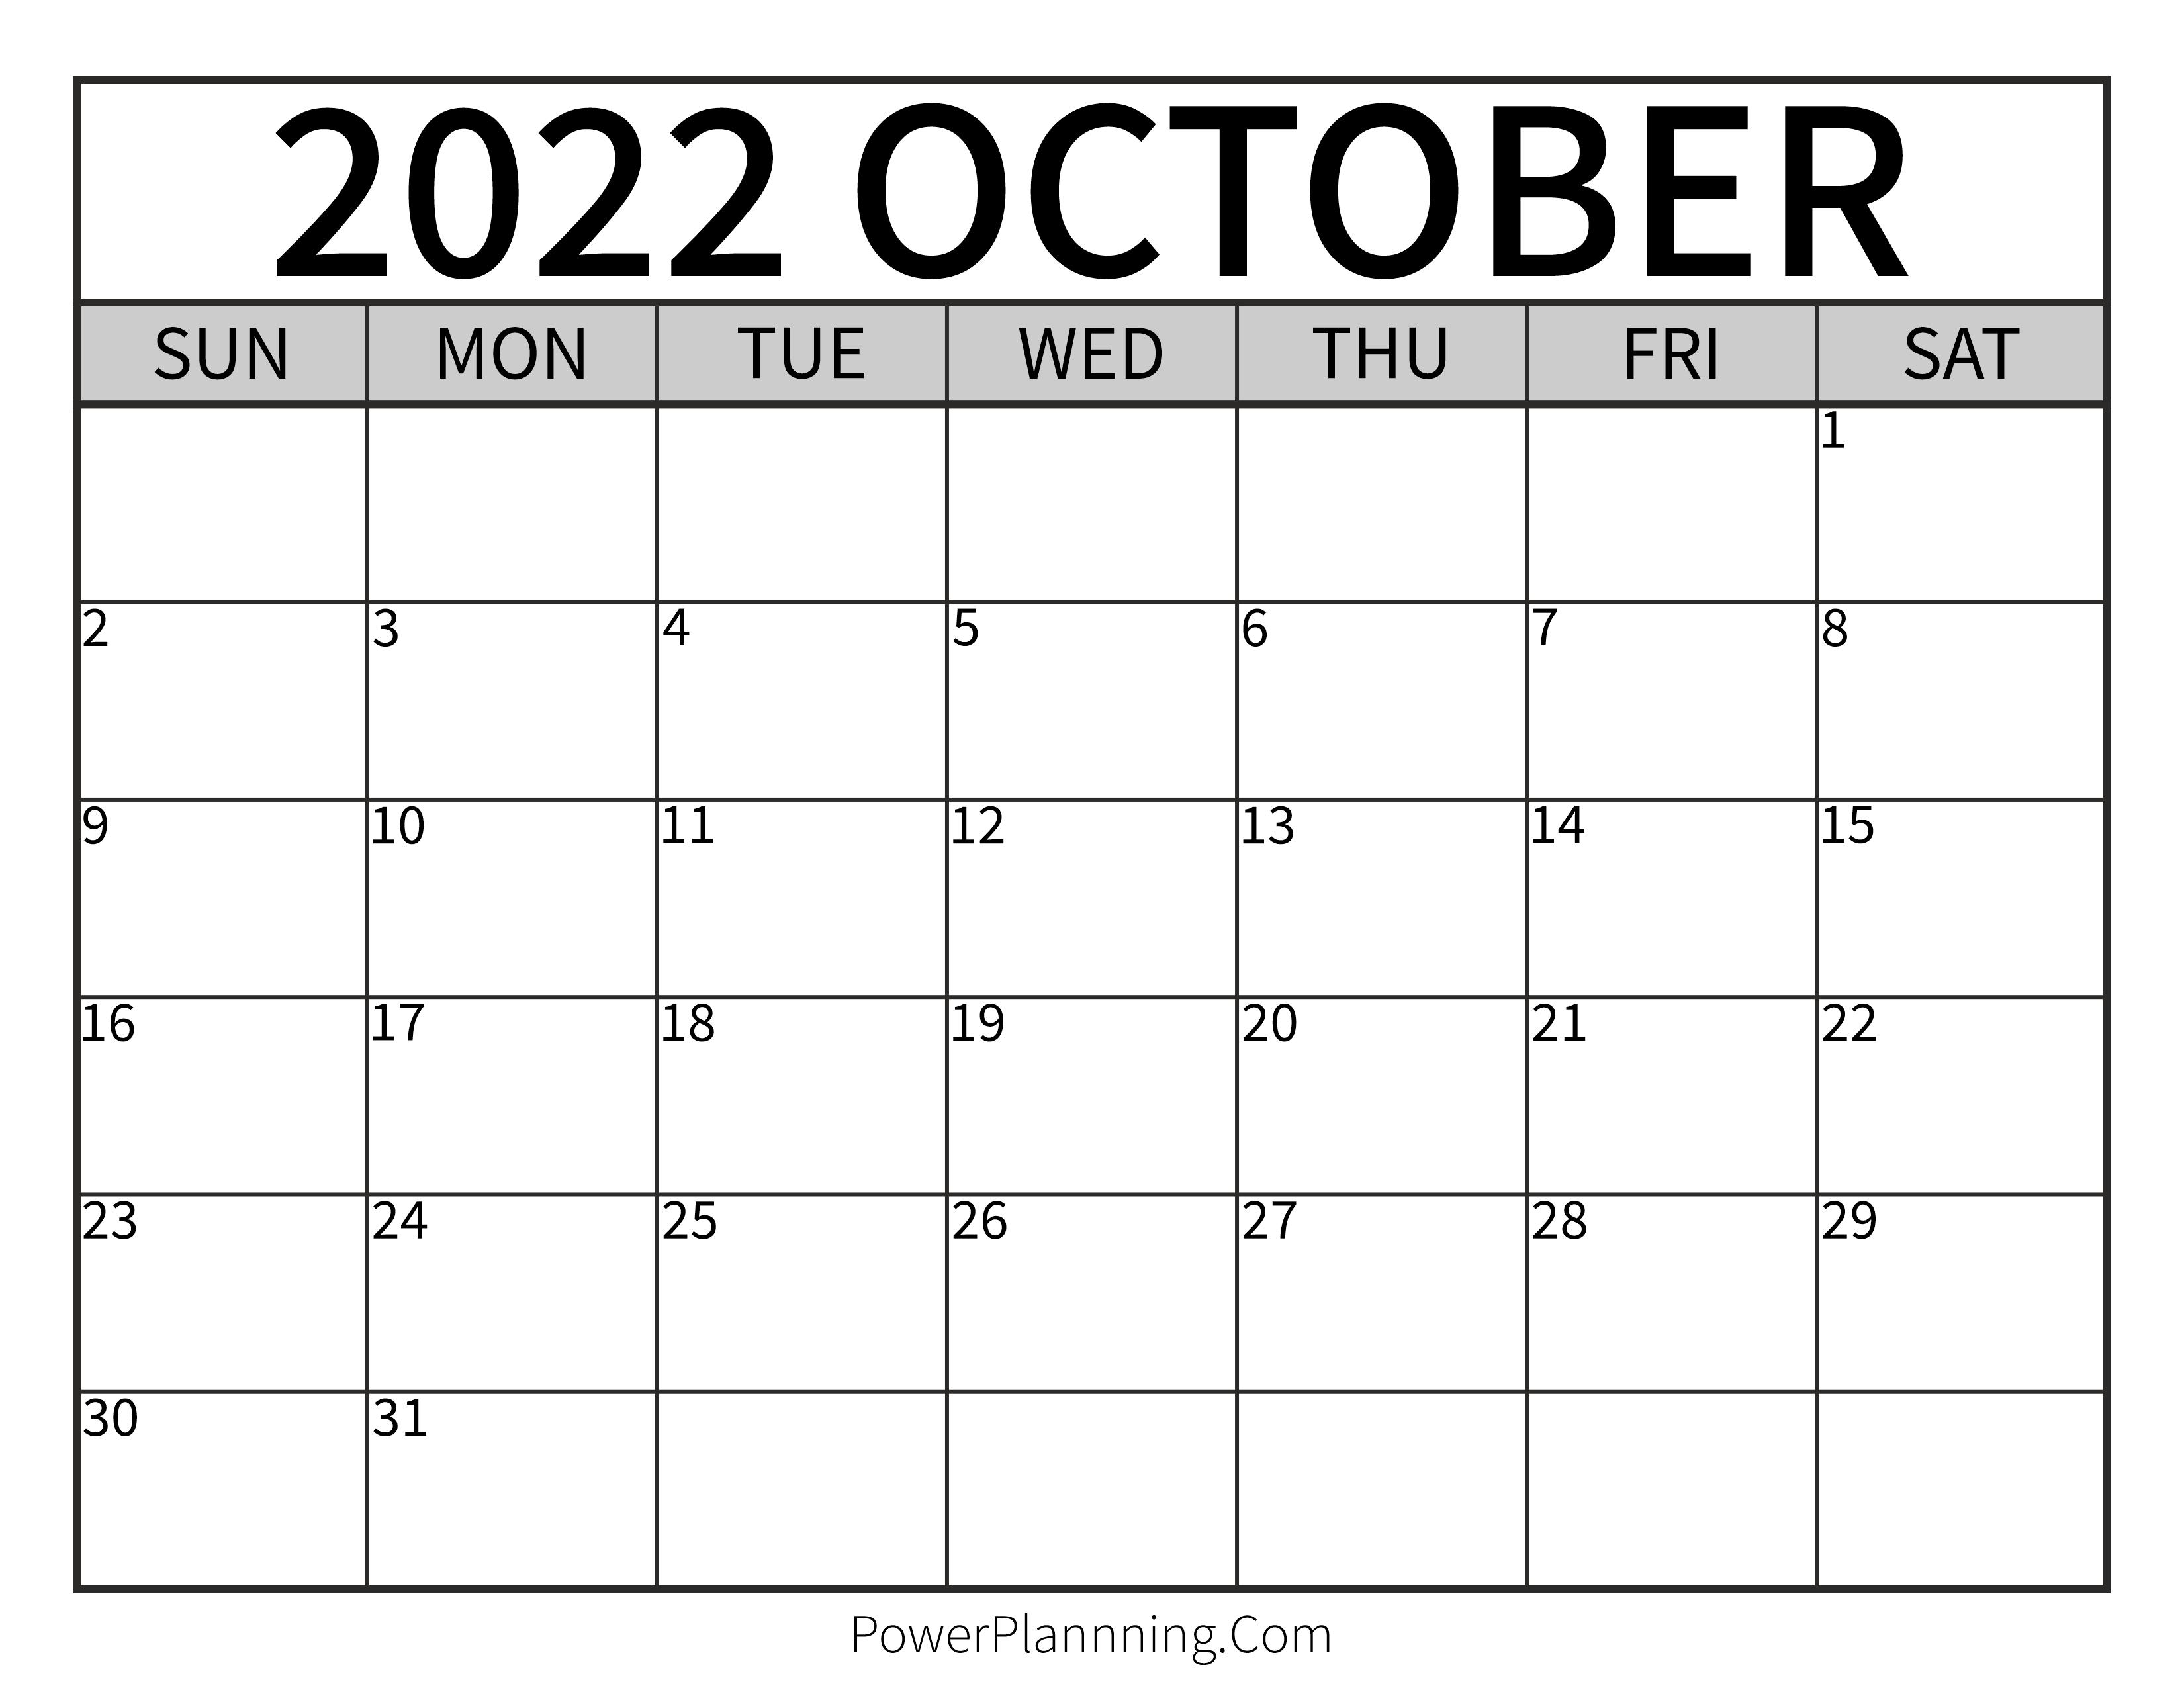 October 2022 Printable Calendar